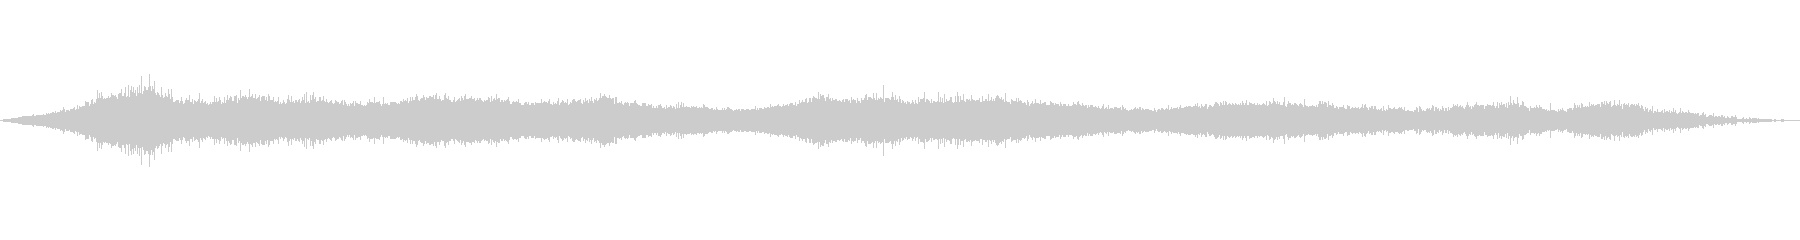 風の効果音(自然、そよ風、ビル風等)02の未再生の波形